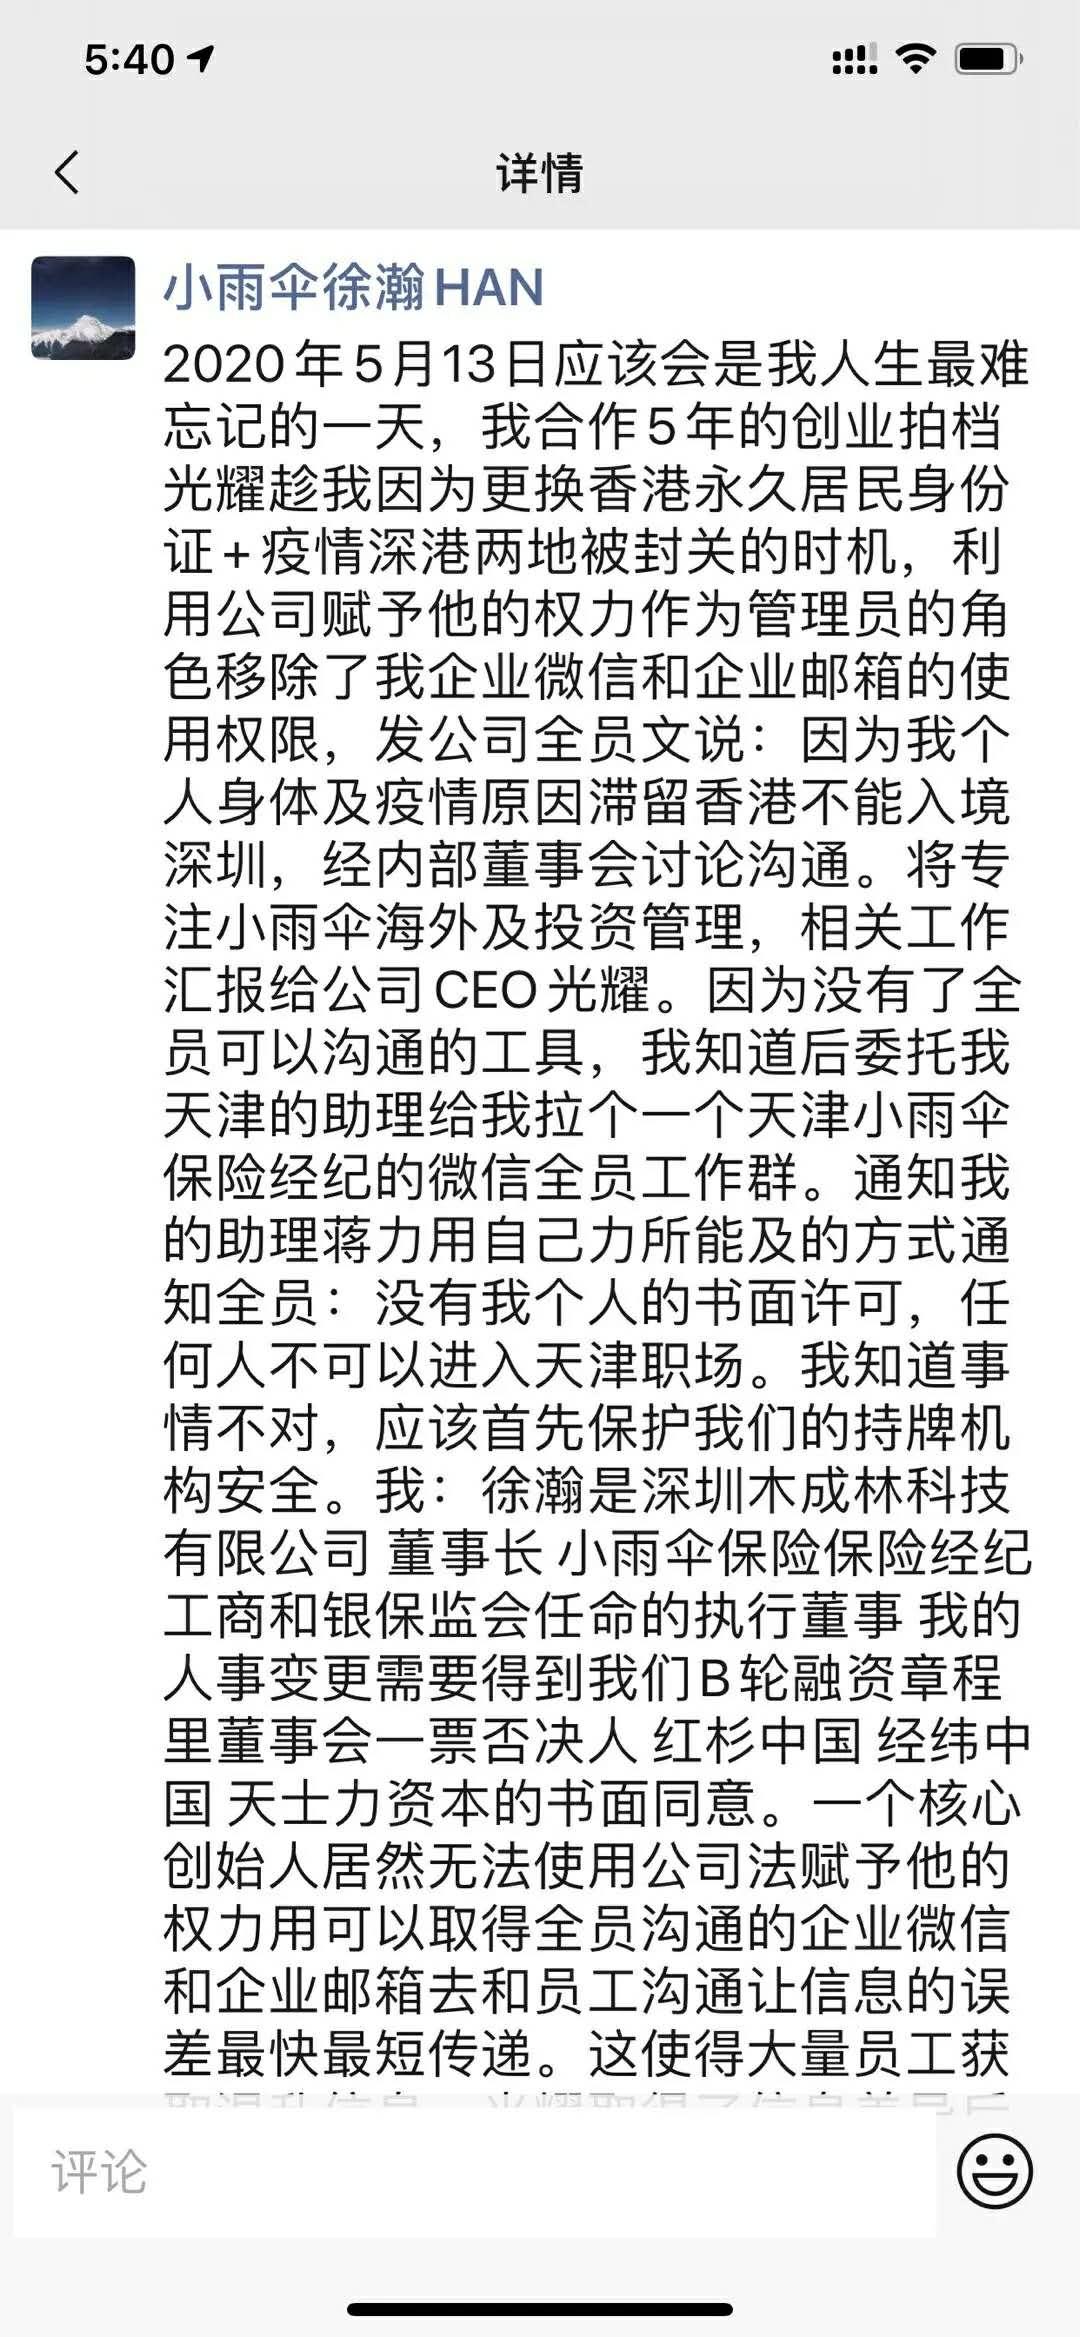 小雨伞保险董事长徐瀚朋友圈发文控诉遭CEO夺权